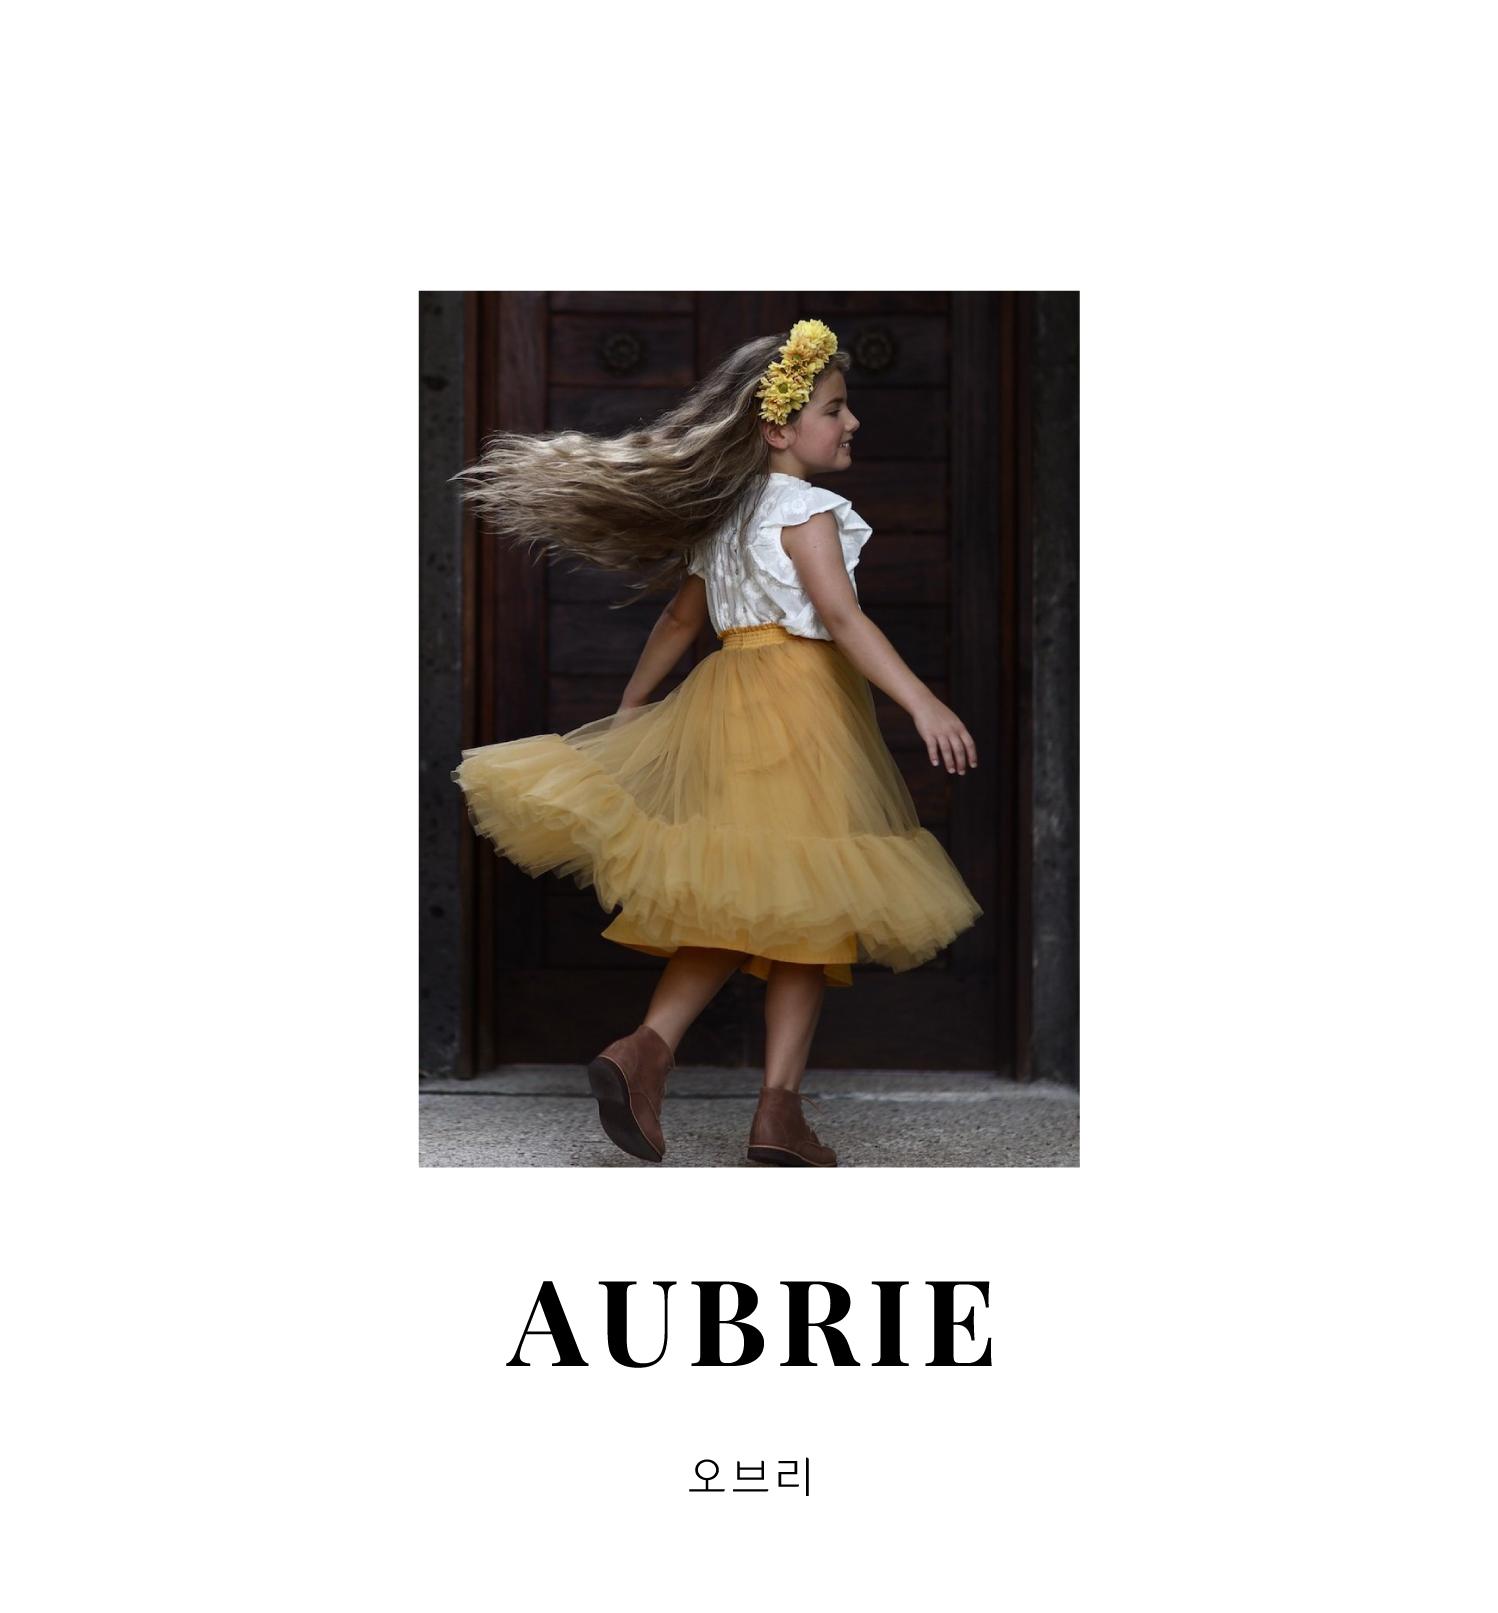 오브리는 전 세계 소녀들이 사랑하는 것들로부터 영감을 받습니다. 시대를 초월한 페미닌무드, 빈티지 디테일, 섬세한 프린트를 통해  뉴트럴한 패브릭에 그들만의 아름다운 컬러를 더합니다. 그들은 단지 표면적인 디자인과 판매 요소 만을 고려하지 않고 각 컬렉션의 품질과 소비자의 취향 등에 집중해 모든 컬렉션을 한정 생산합니다. 세련된 실루엣과 실용성을 동시에 갖춘 호주 베이스 브랜드 AUBRIE(오브리)의 컬렉션을 OH MR RABBIT 에서 만나보세요.